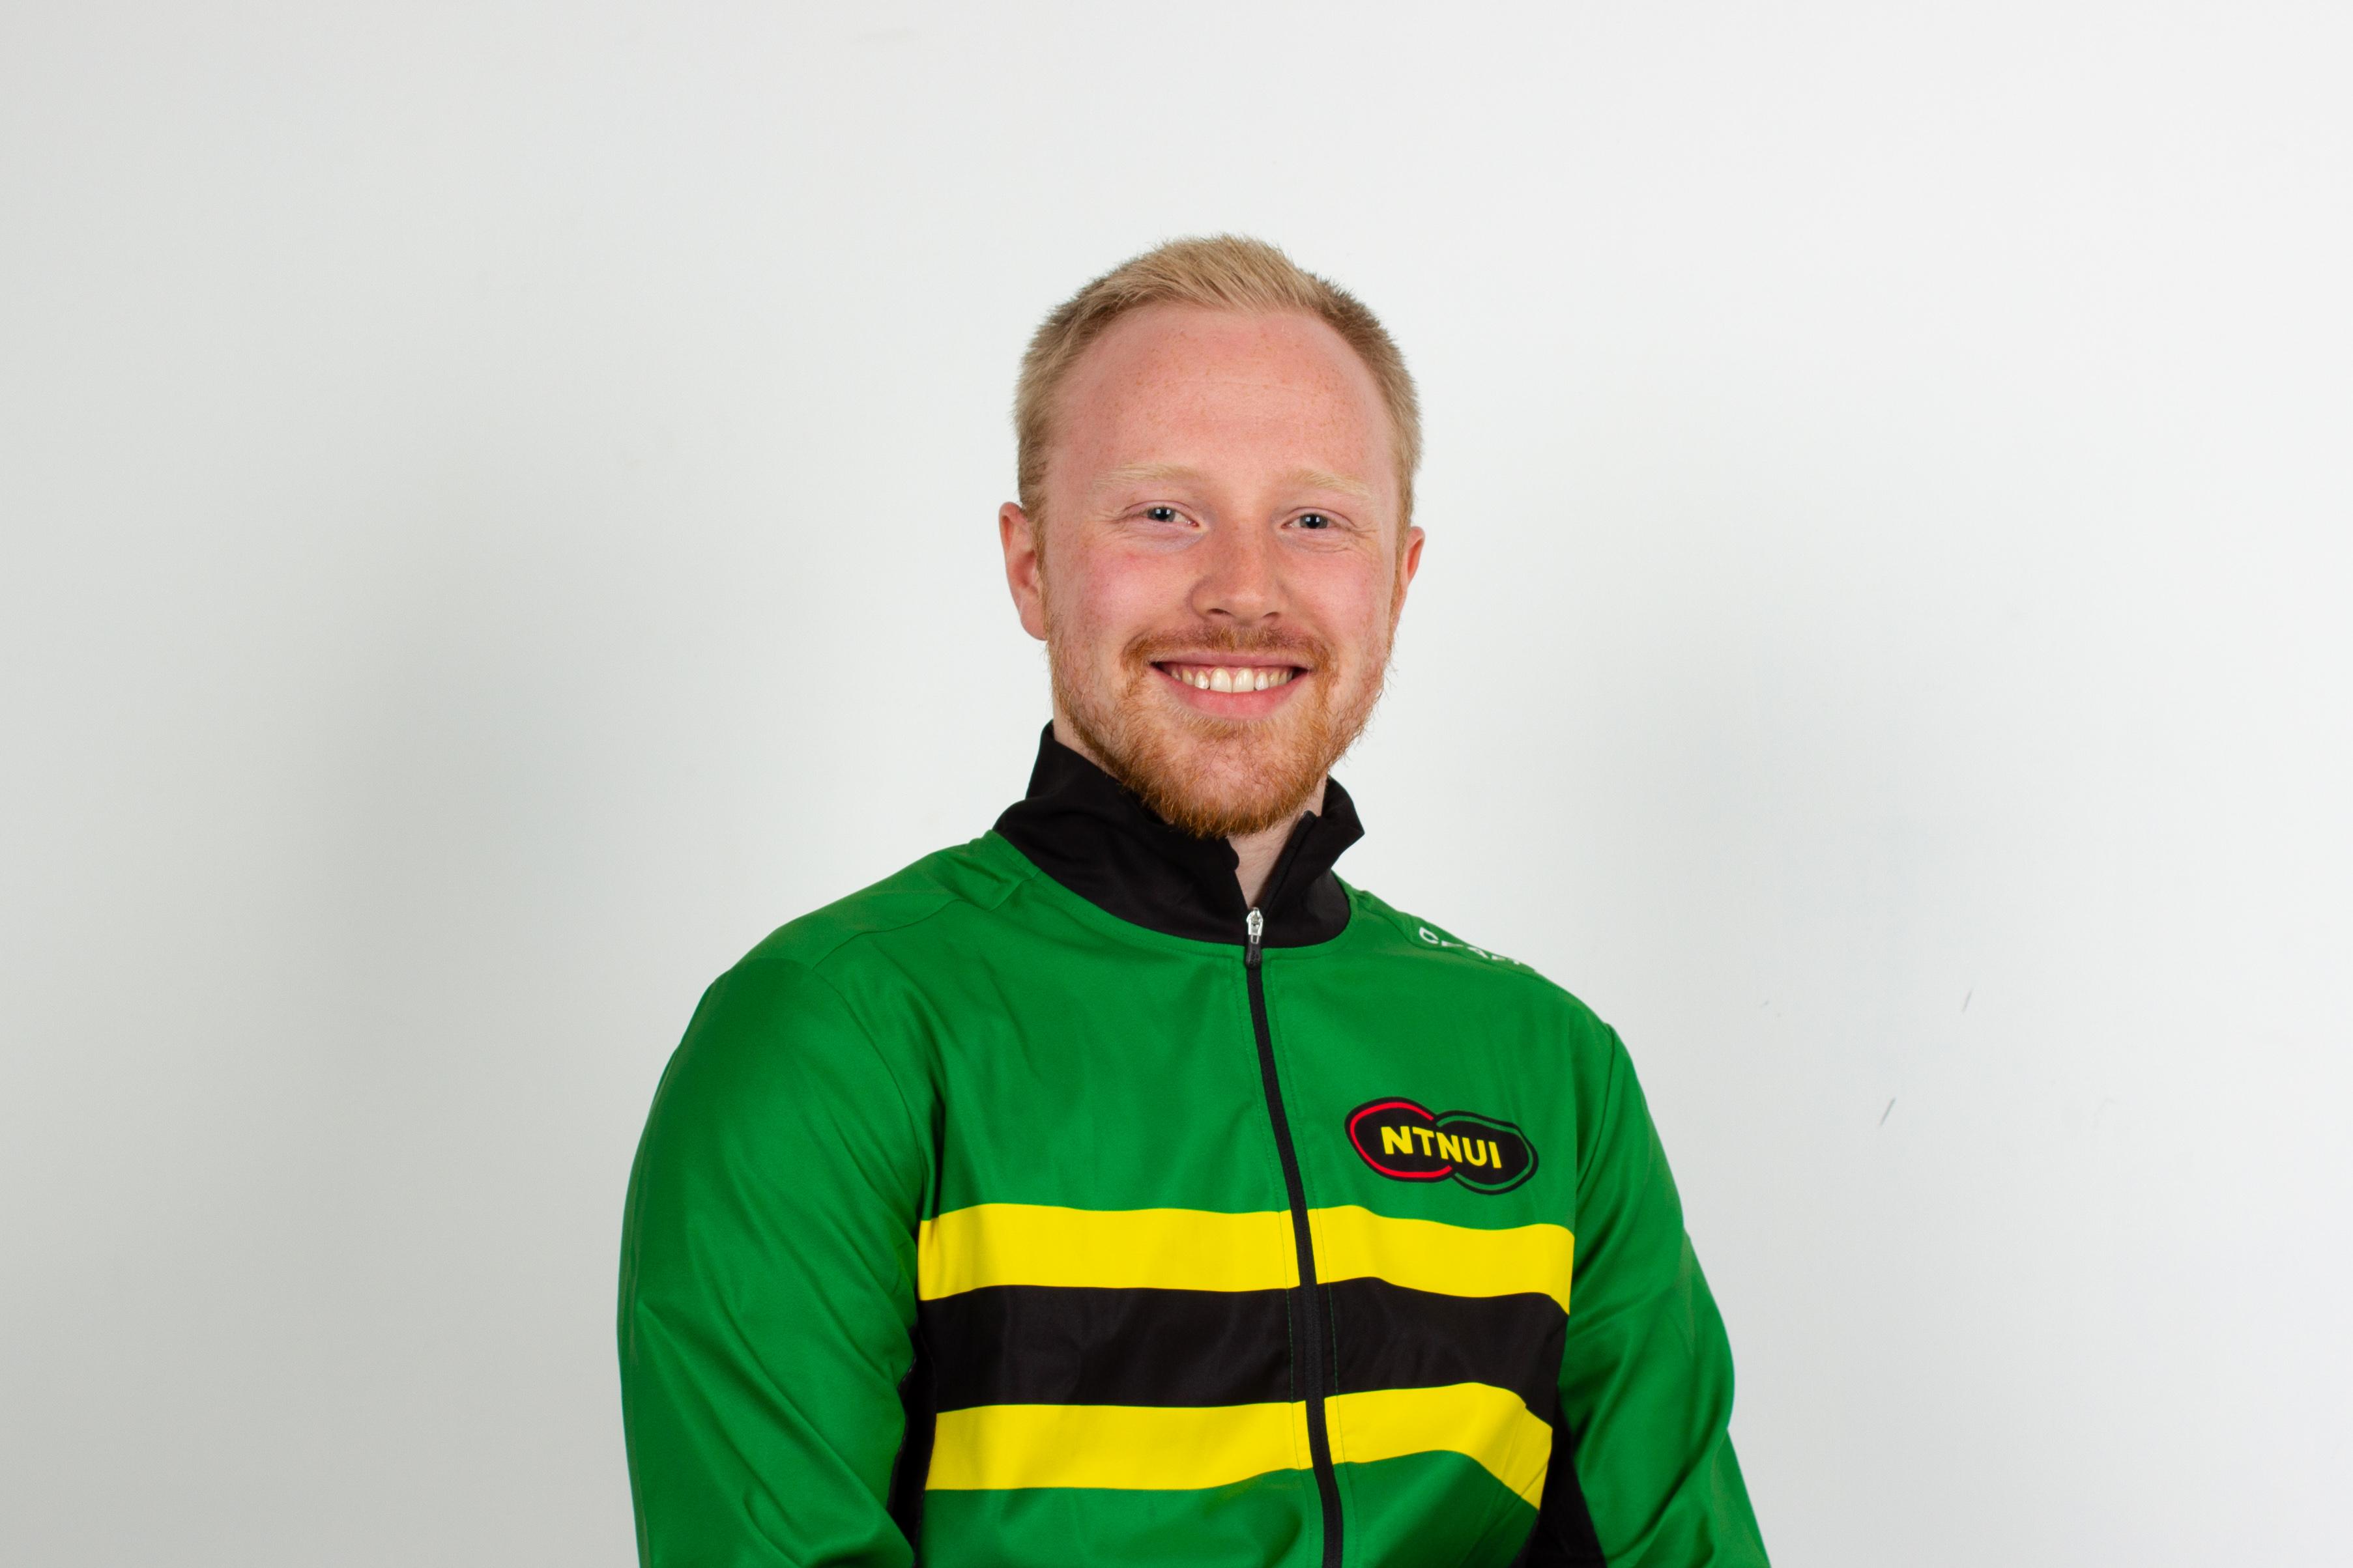 Steffen Myhre Rysgård